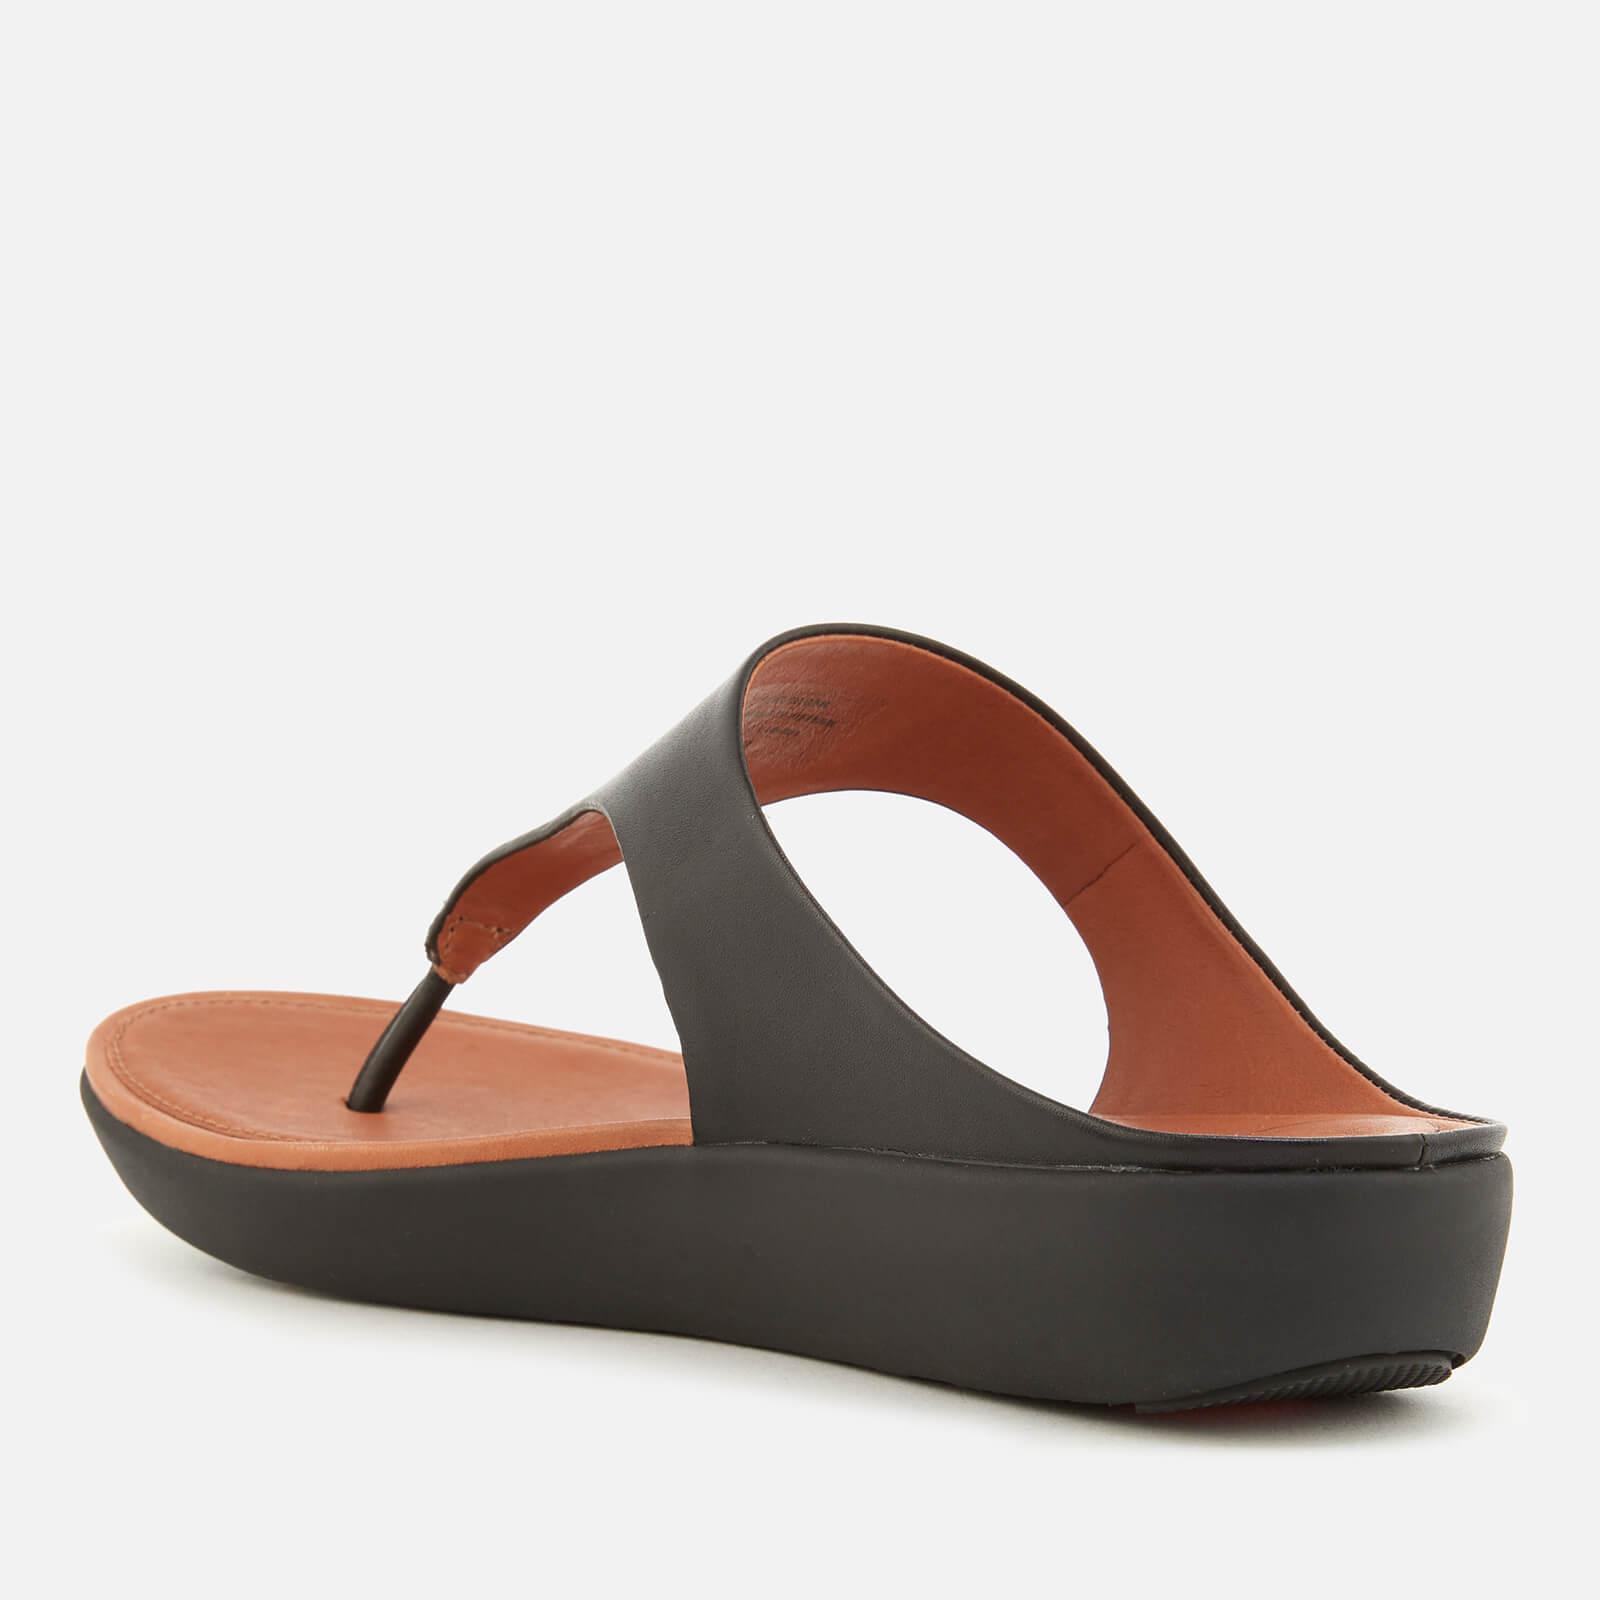 b54f93c8c Fitflop - Black Banda Ii Leather Toe Post Sandals - Lyst. View fullscreen